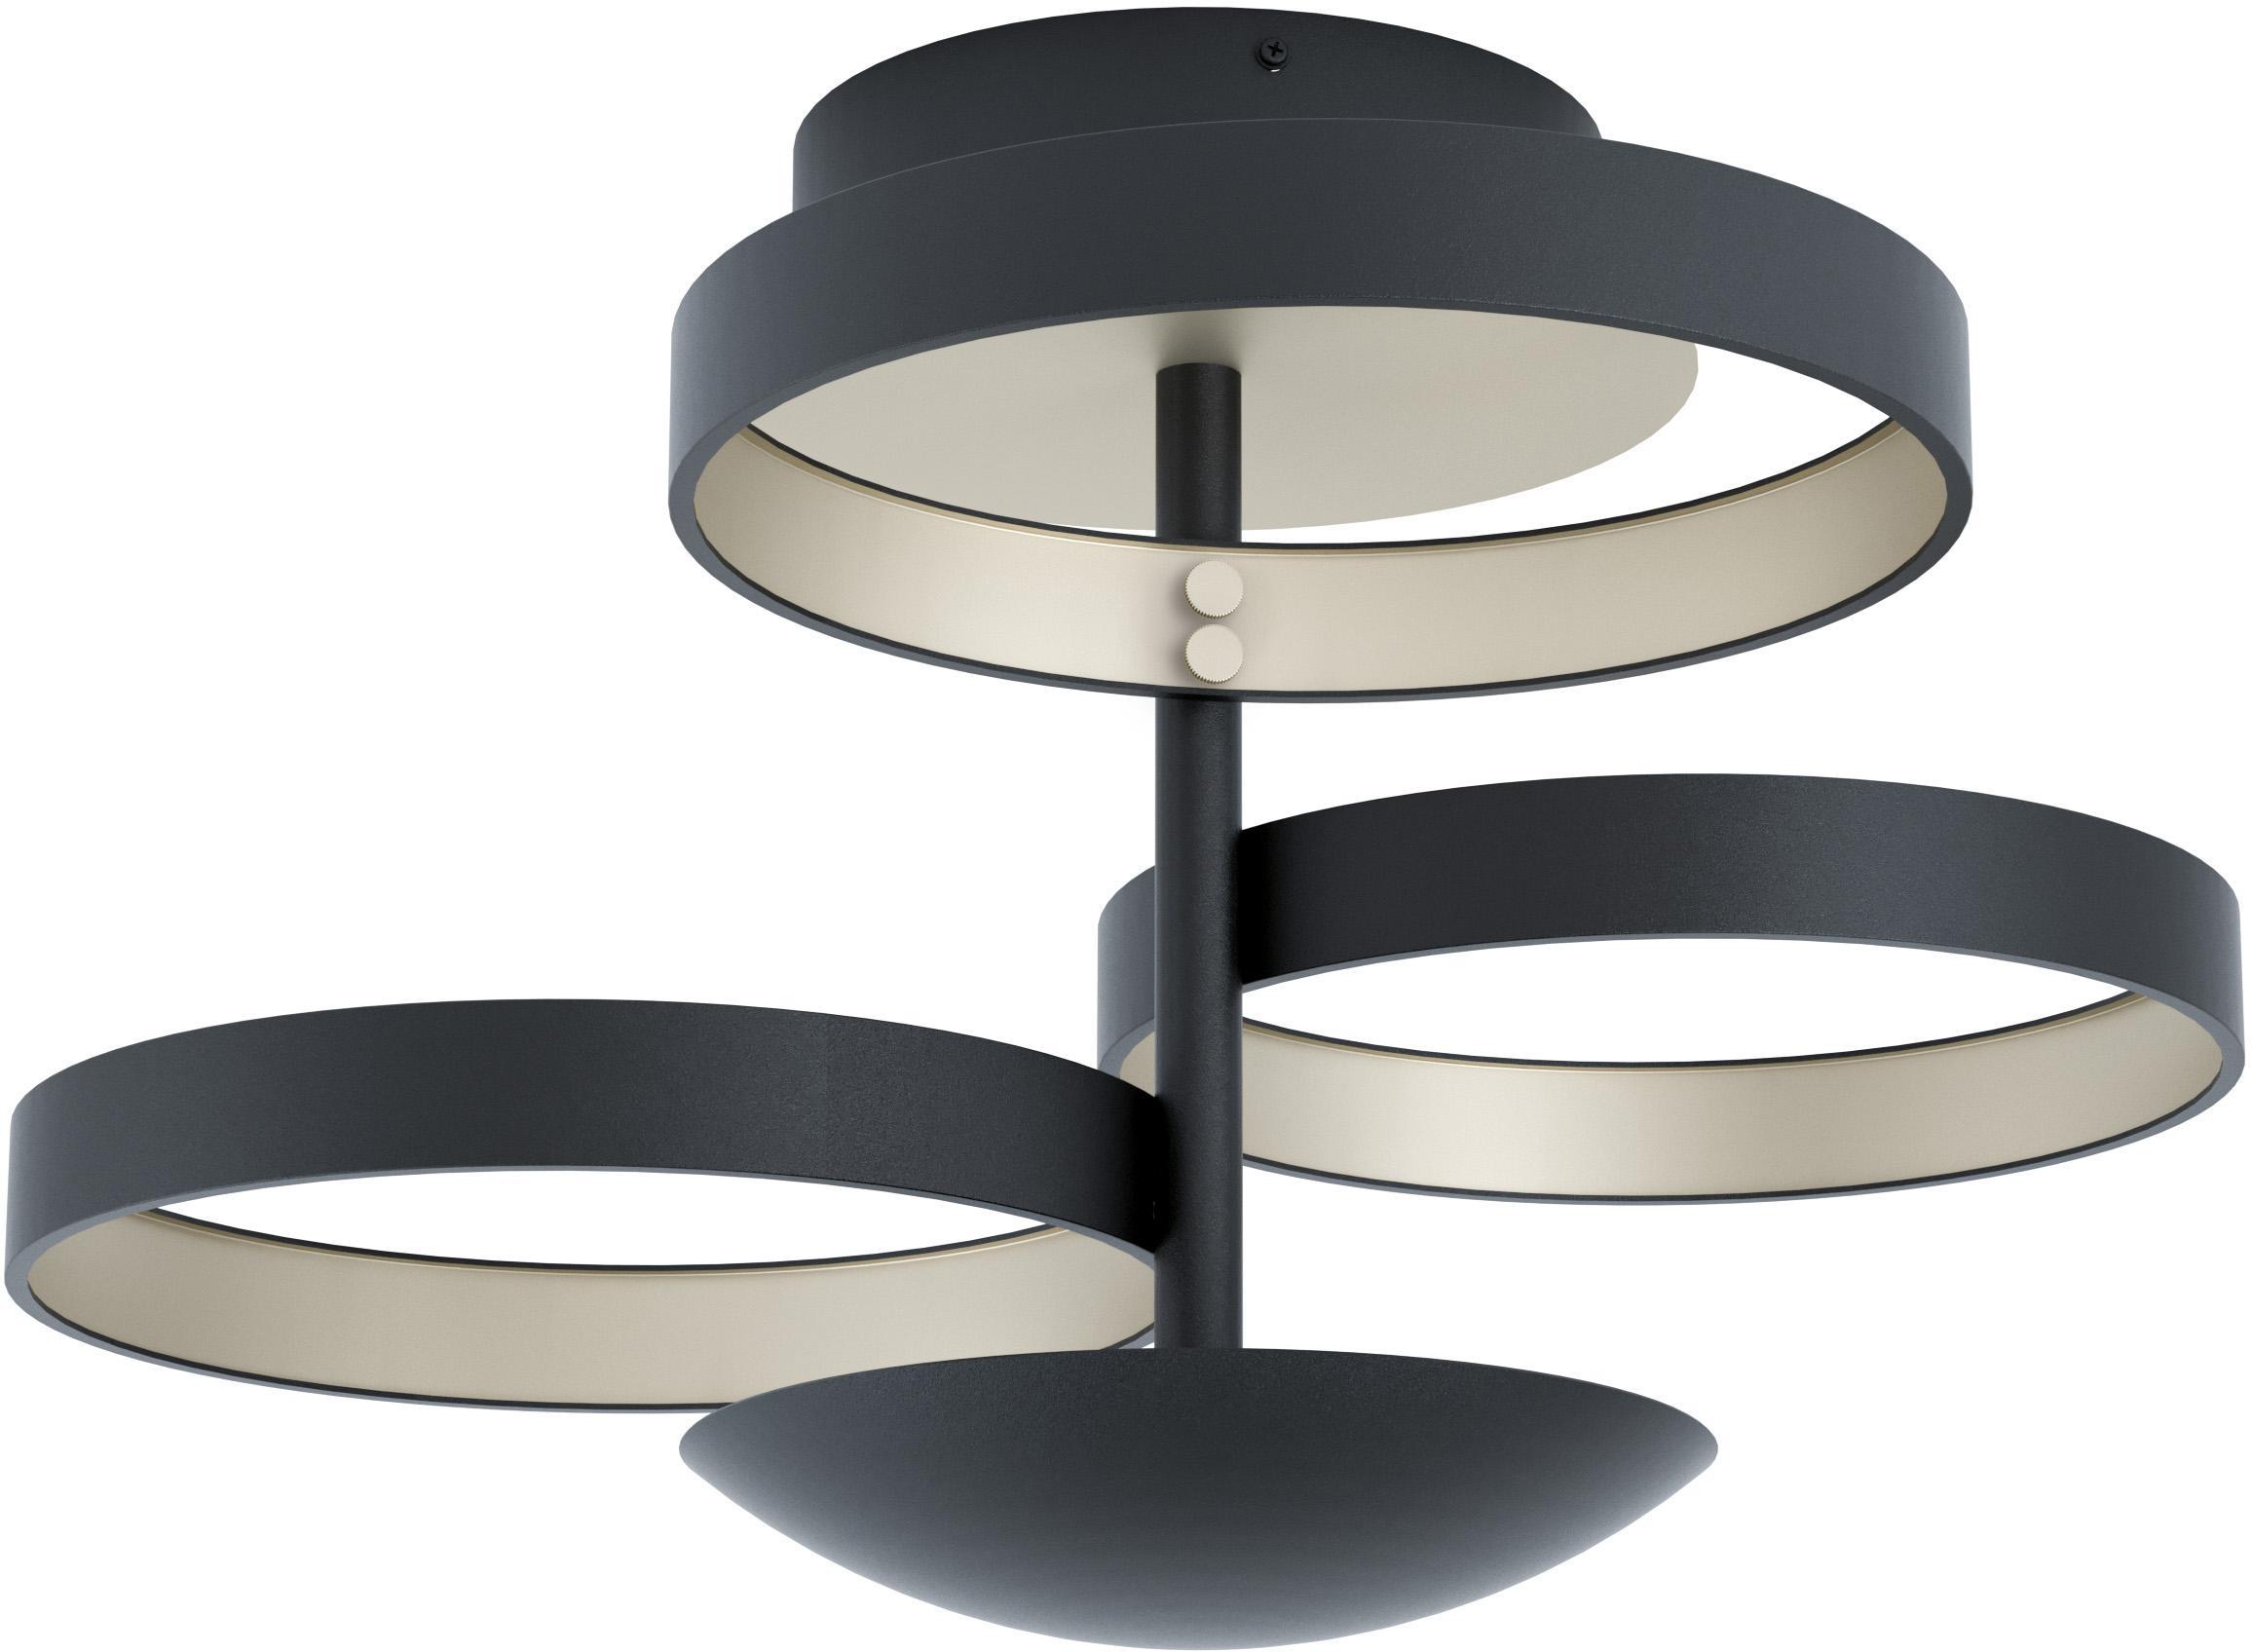 Lampada a sospensione a LED dimmerabile Gromola, Paralume: alluminio verniciato, Baldacchino: alluminio verniciato, Nero, Ø 54 x Alt. 33 cm